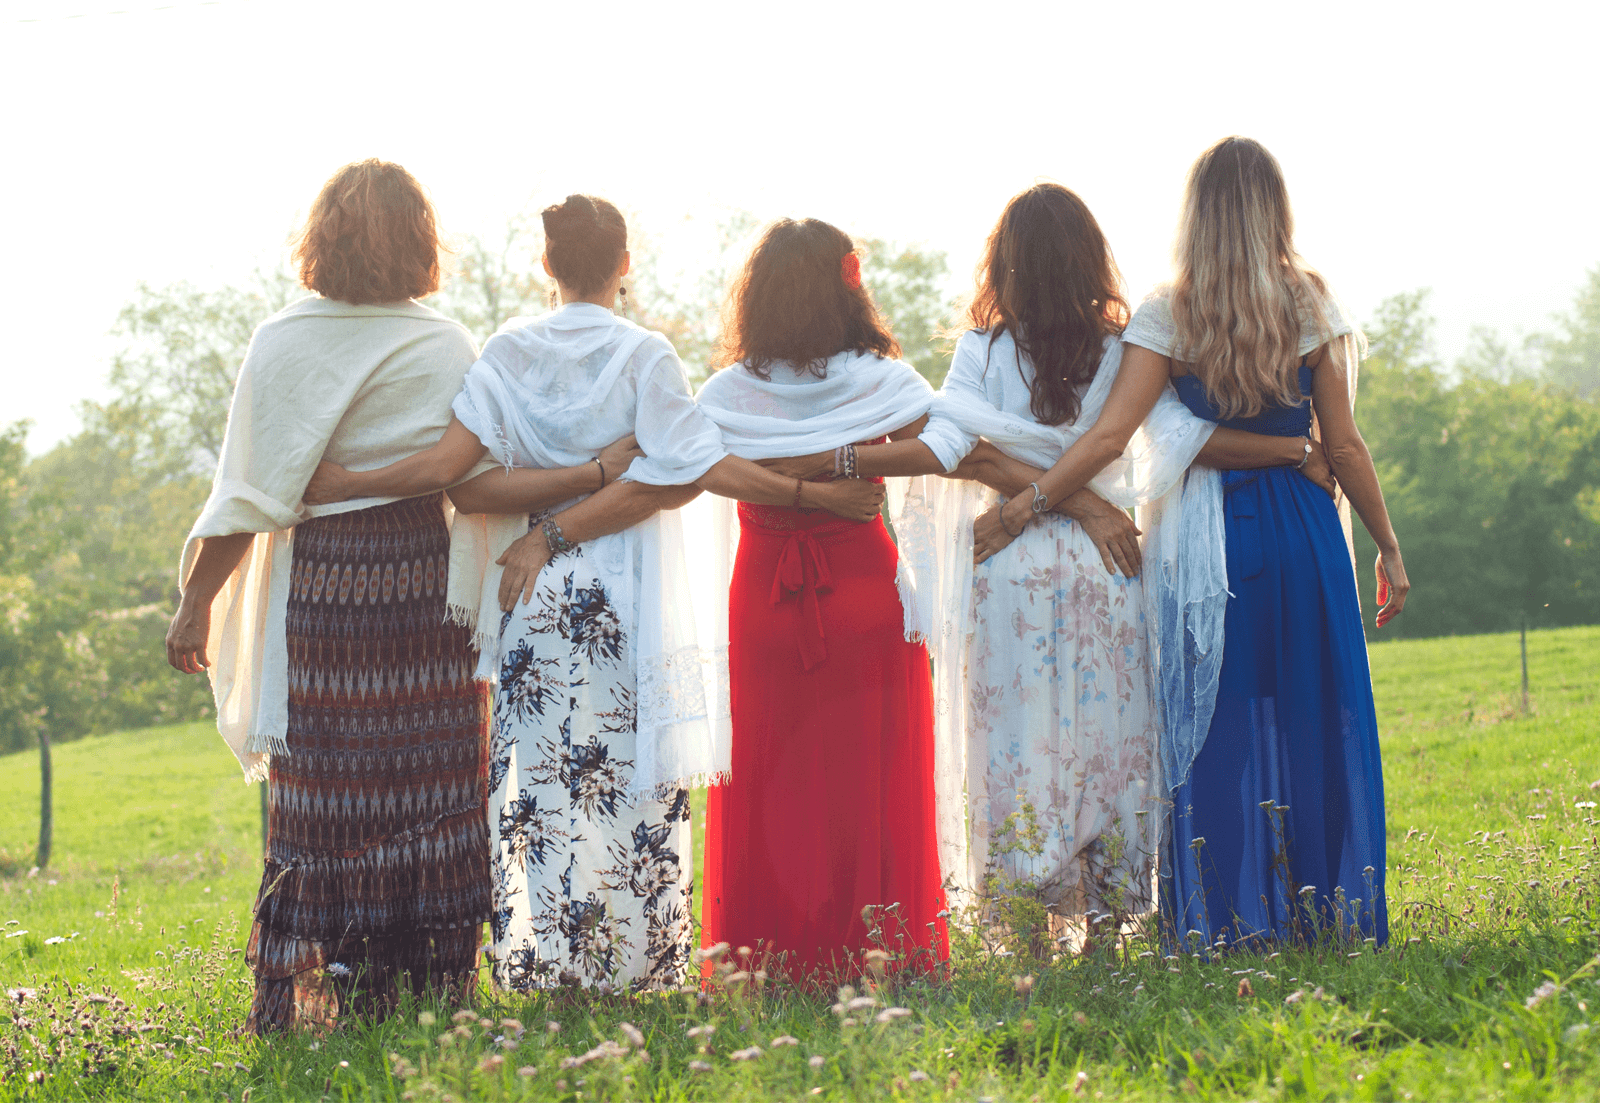 Scuola delle Donne del Mondo Nuovo a Verona - Donne del Mondo Nuovo - Scuola di formazione a Verona